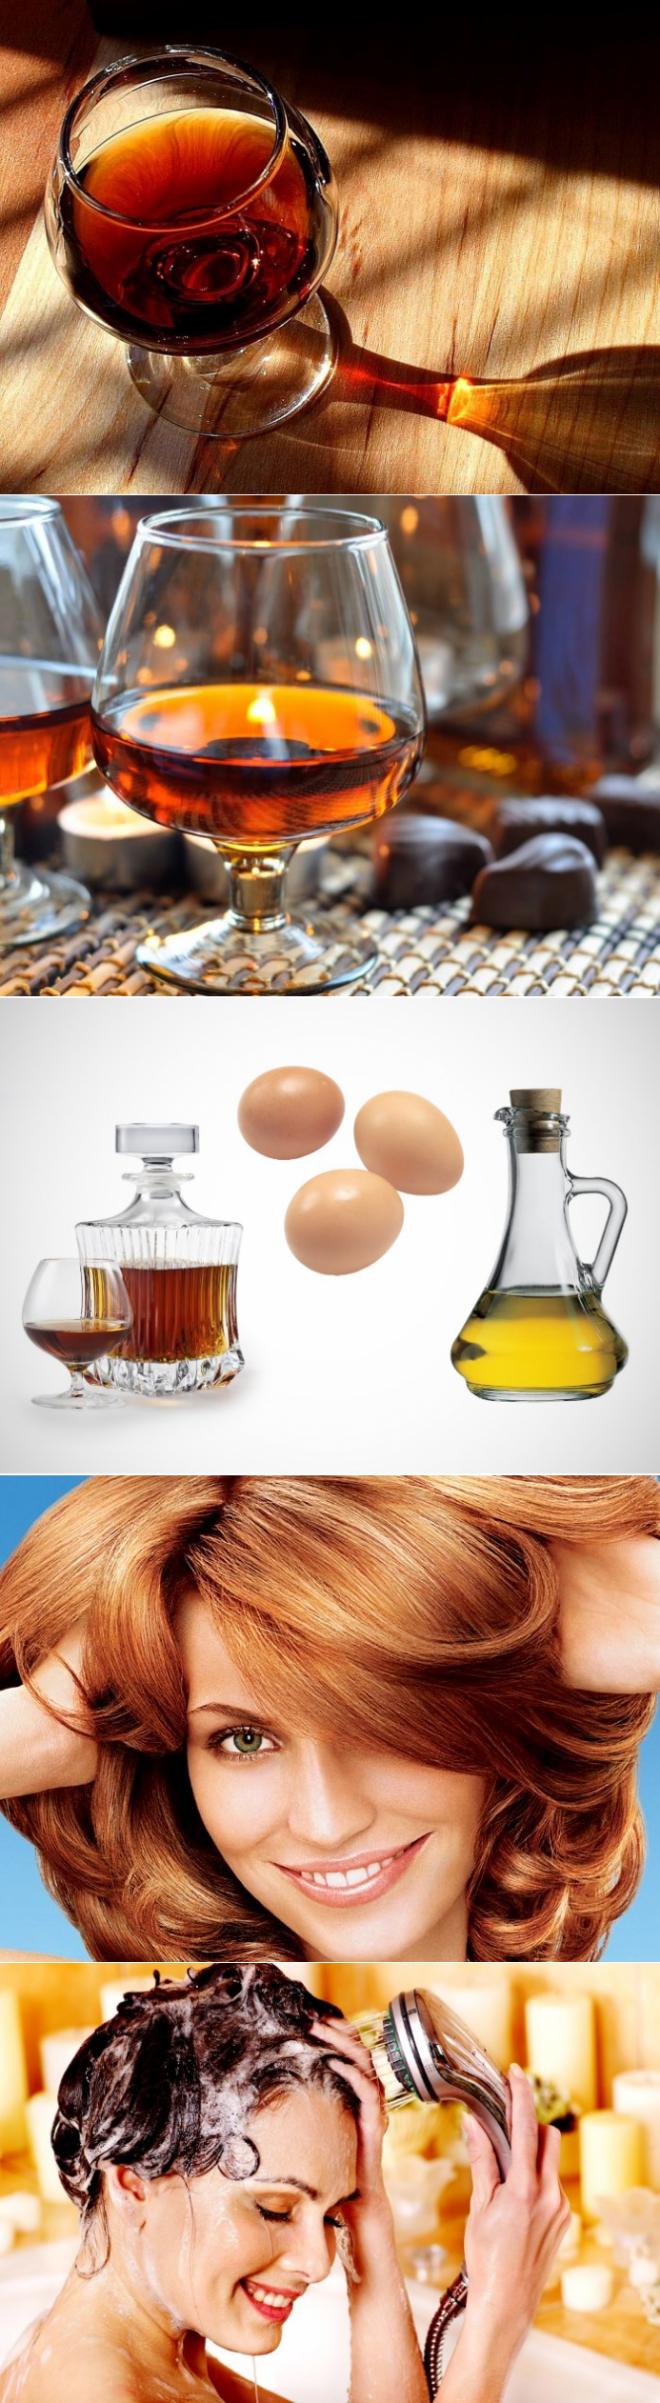 Медовая маска для роста волос с луковым соком и коньяком — рецепт и отзывы | maska-volos.ru